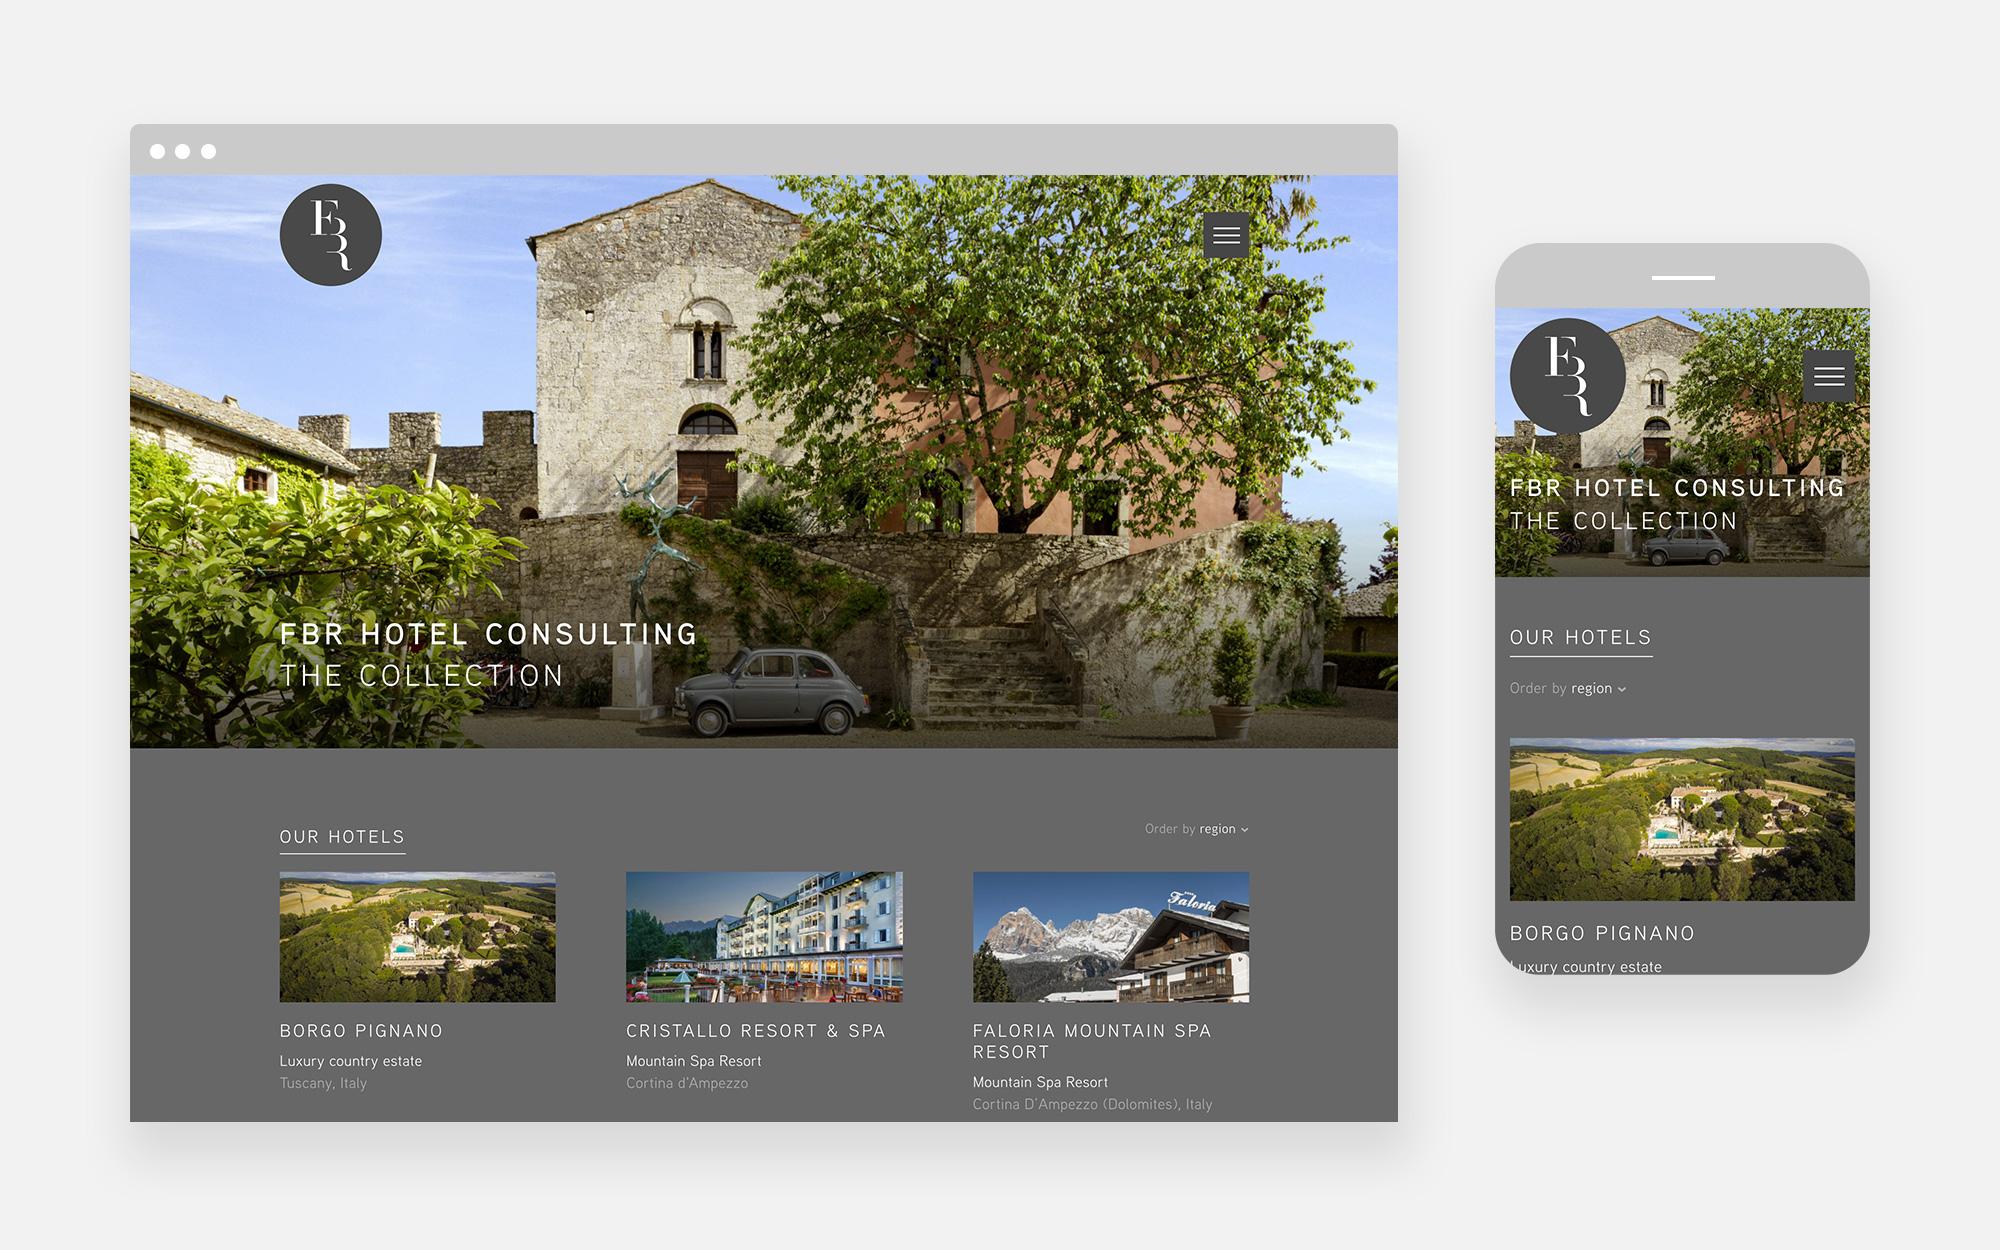 FBR Hotel Consulting Website Design 1